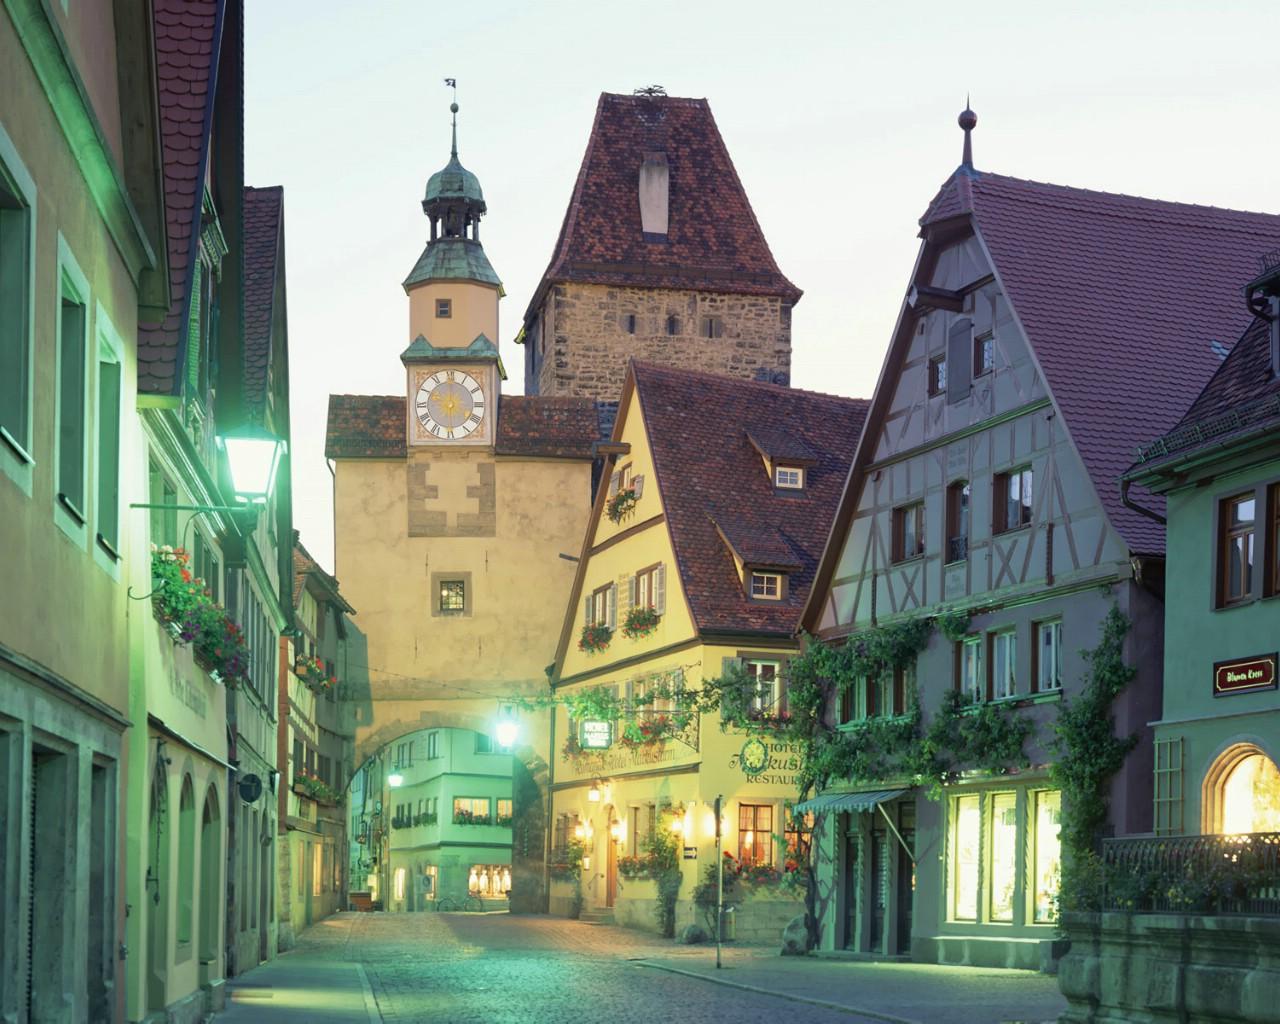 德国著名景点_德国著名景点图片_德国著名景